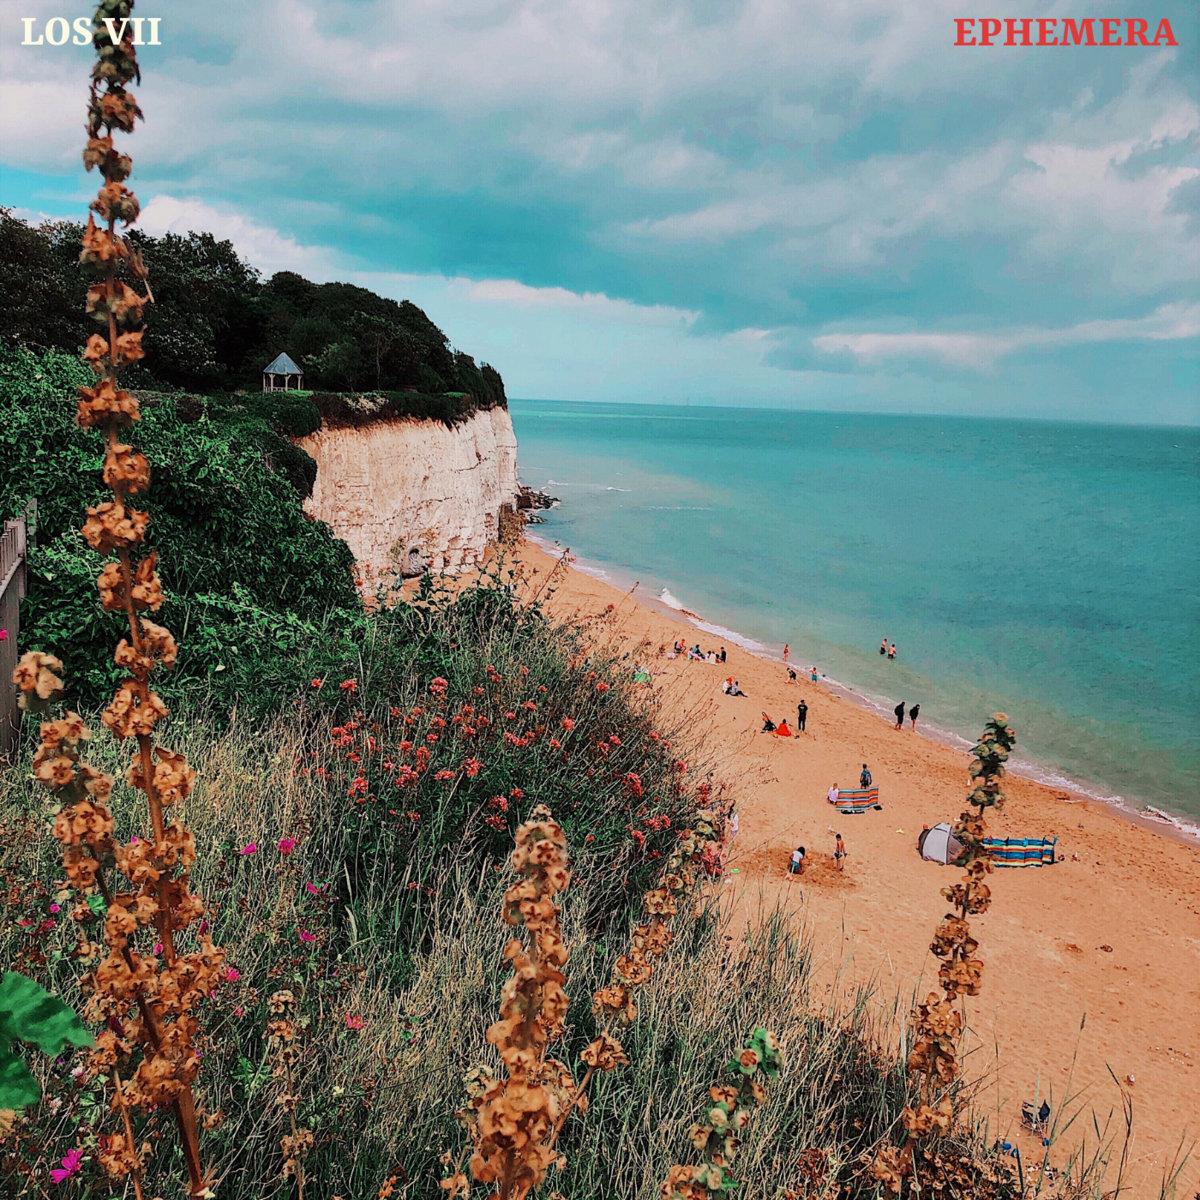 Los Vii | Ephemera | Self-Released